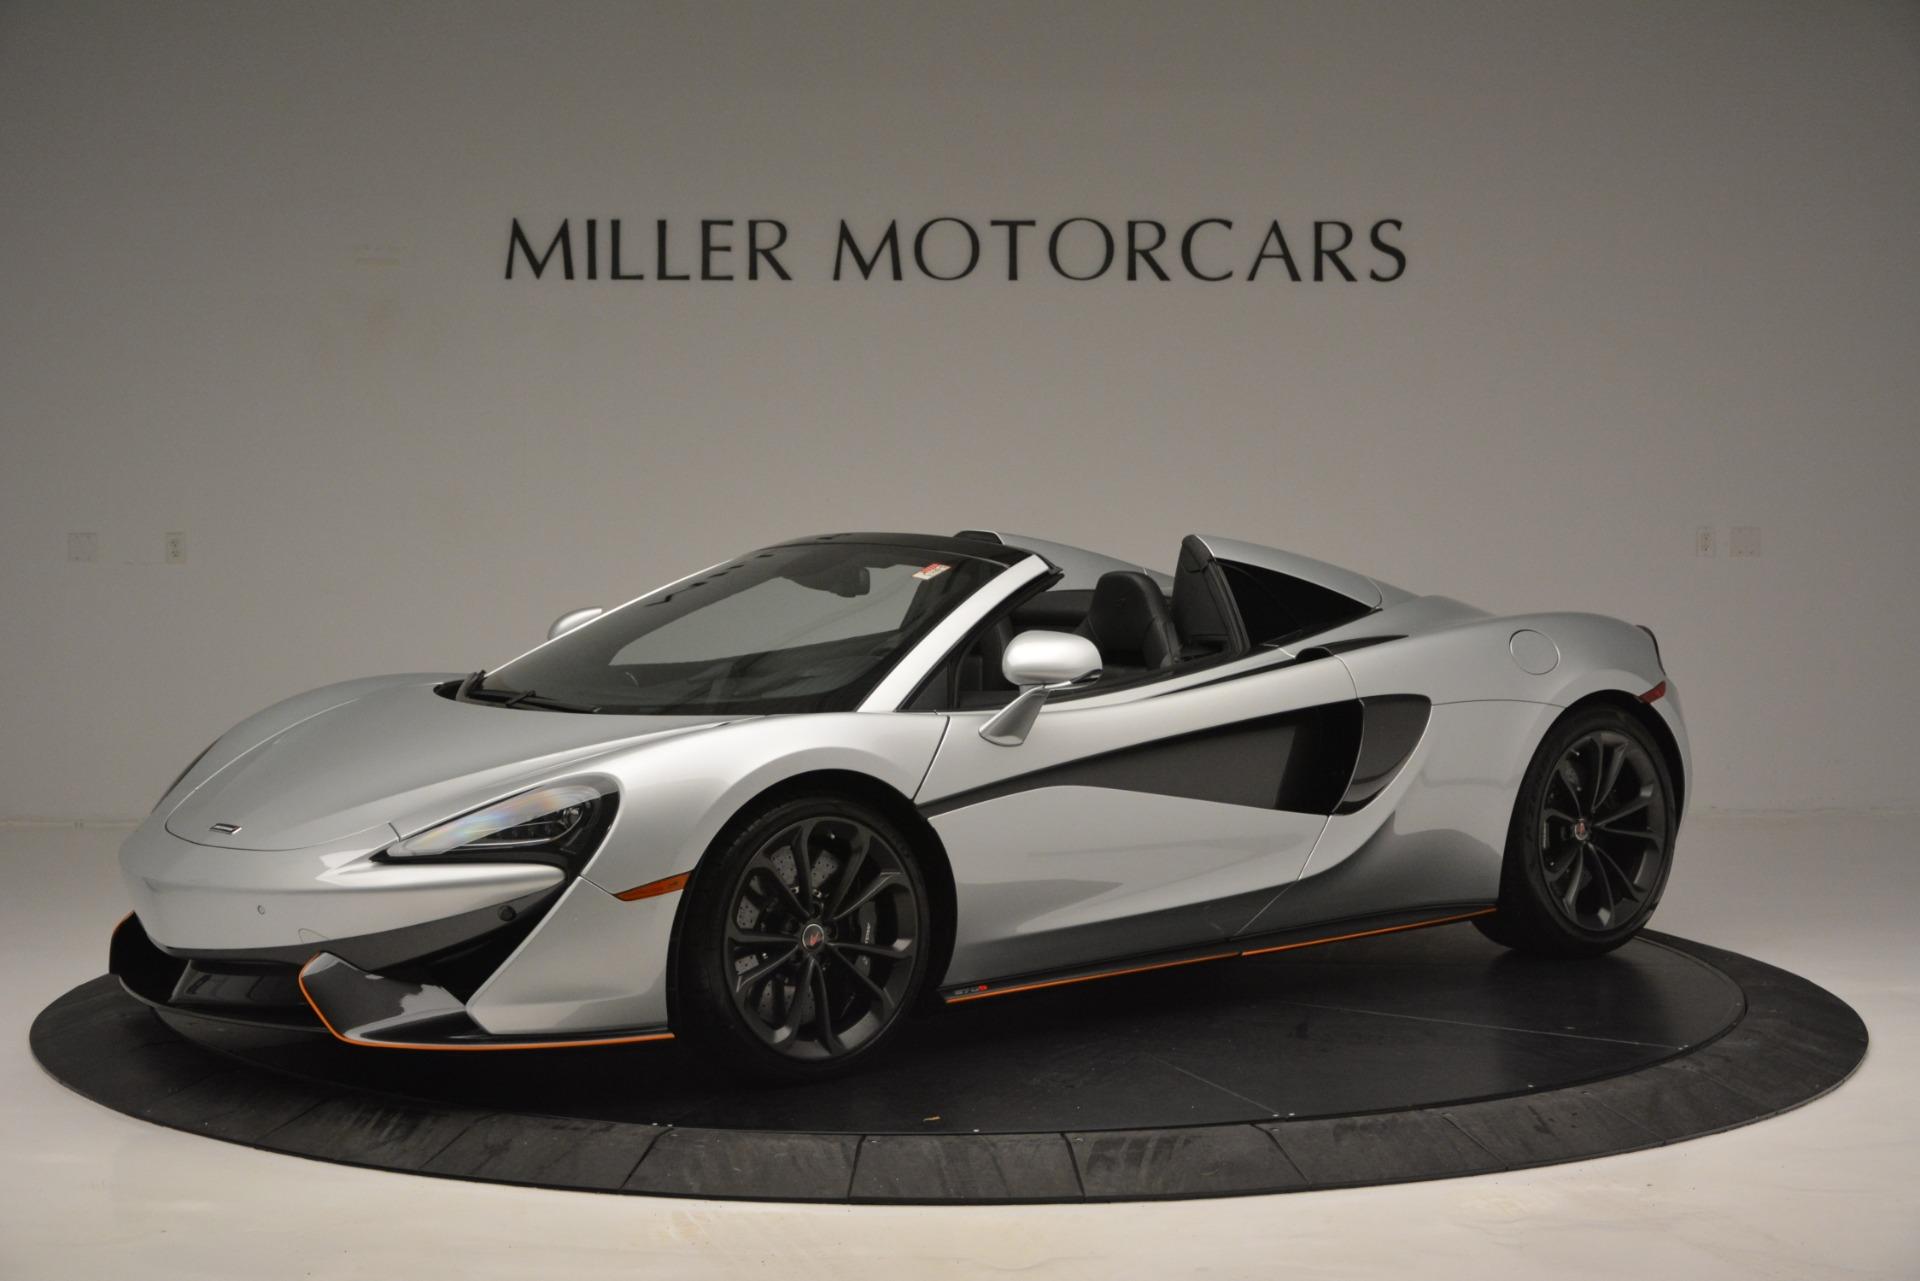 Used 2018 McLaren 570S Spider For Sale In Westport, CT 2340_p2